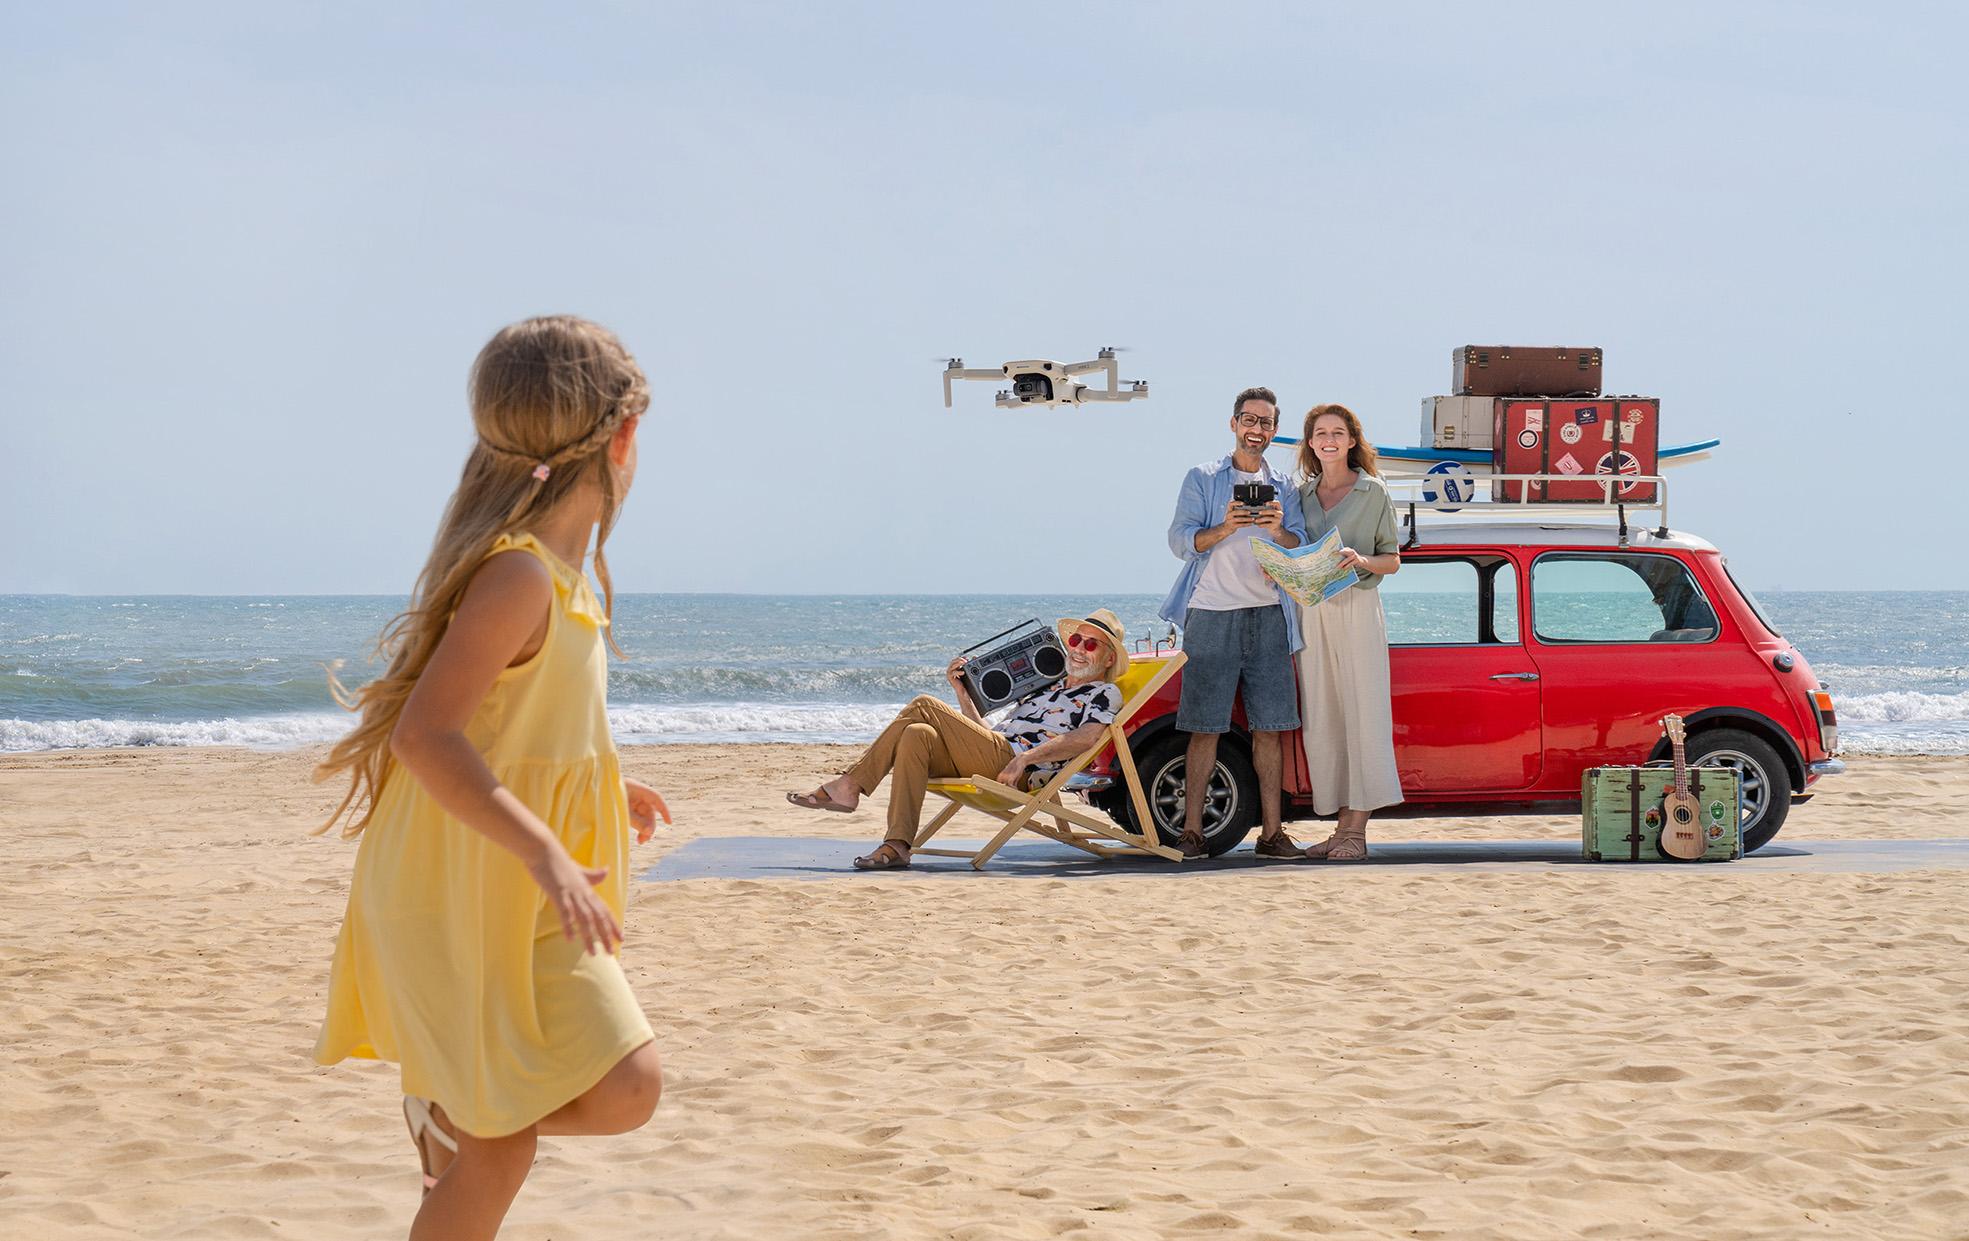 Die DJI Mini 2 ist eine leichte, einfach zu fliegende Drohne mit vielen tollen Funktionen. (c) DJI